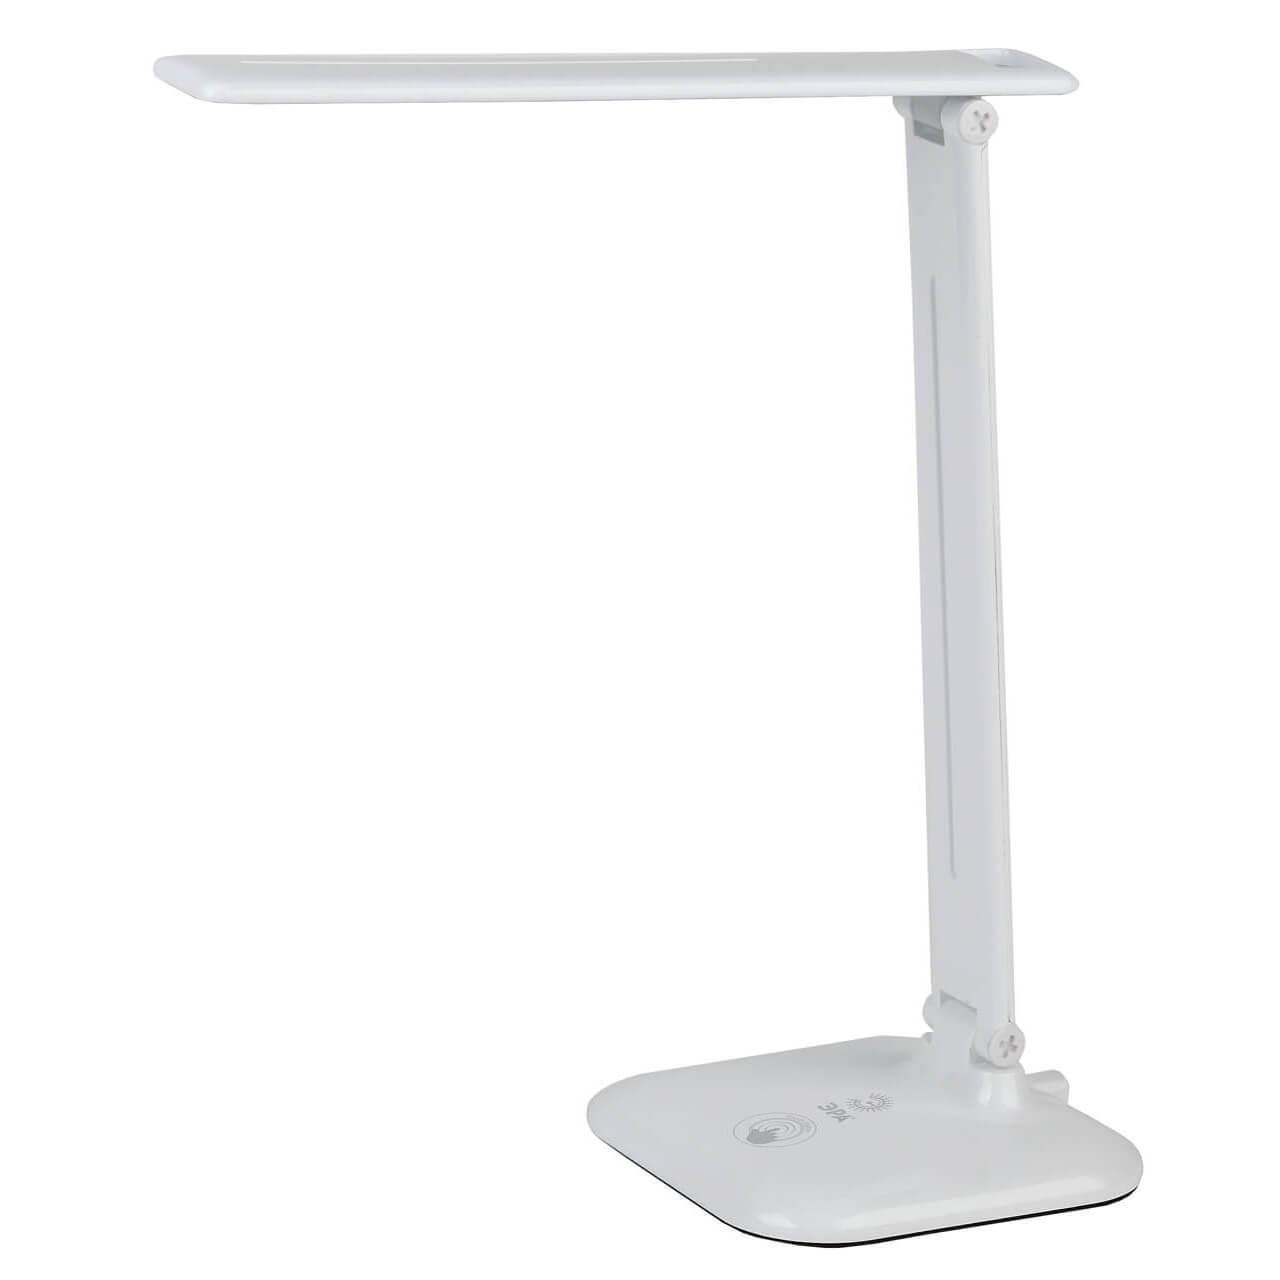 Настольный светильник Эра NLED-462-10W-W, LED, 10 Вт massive светильник настольный zebra 1 10w 12v